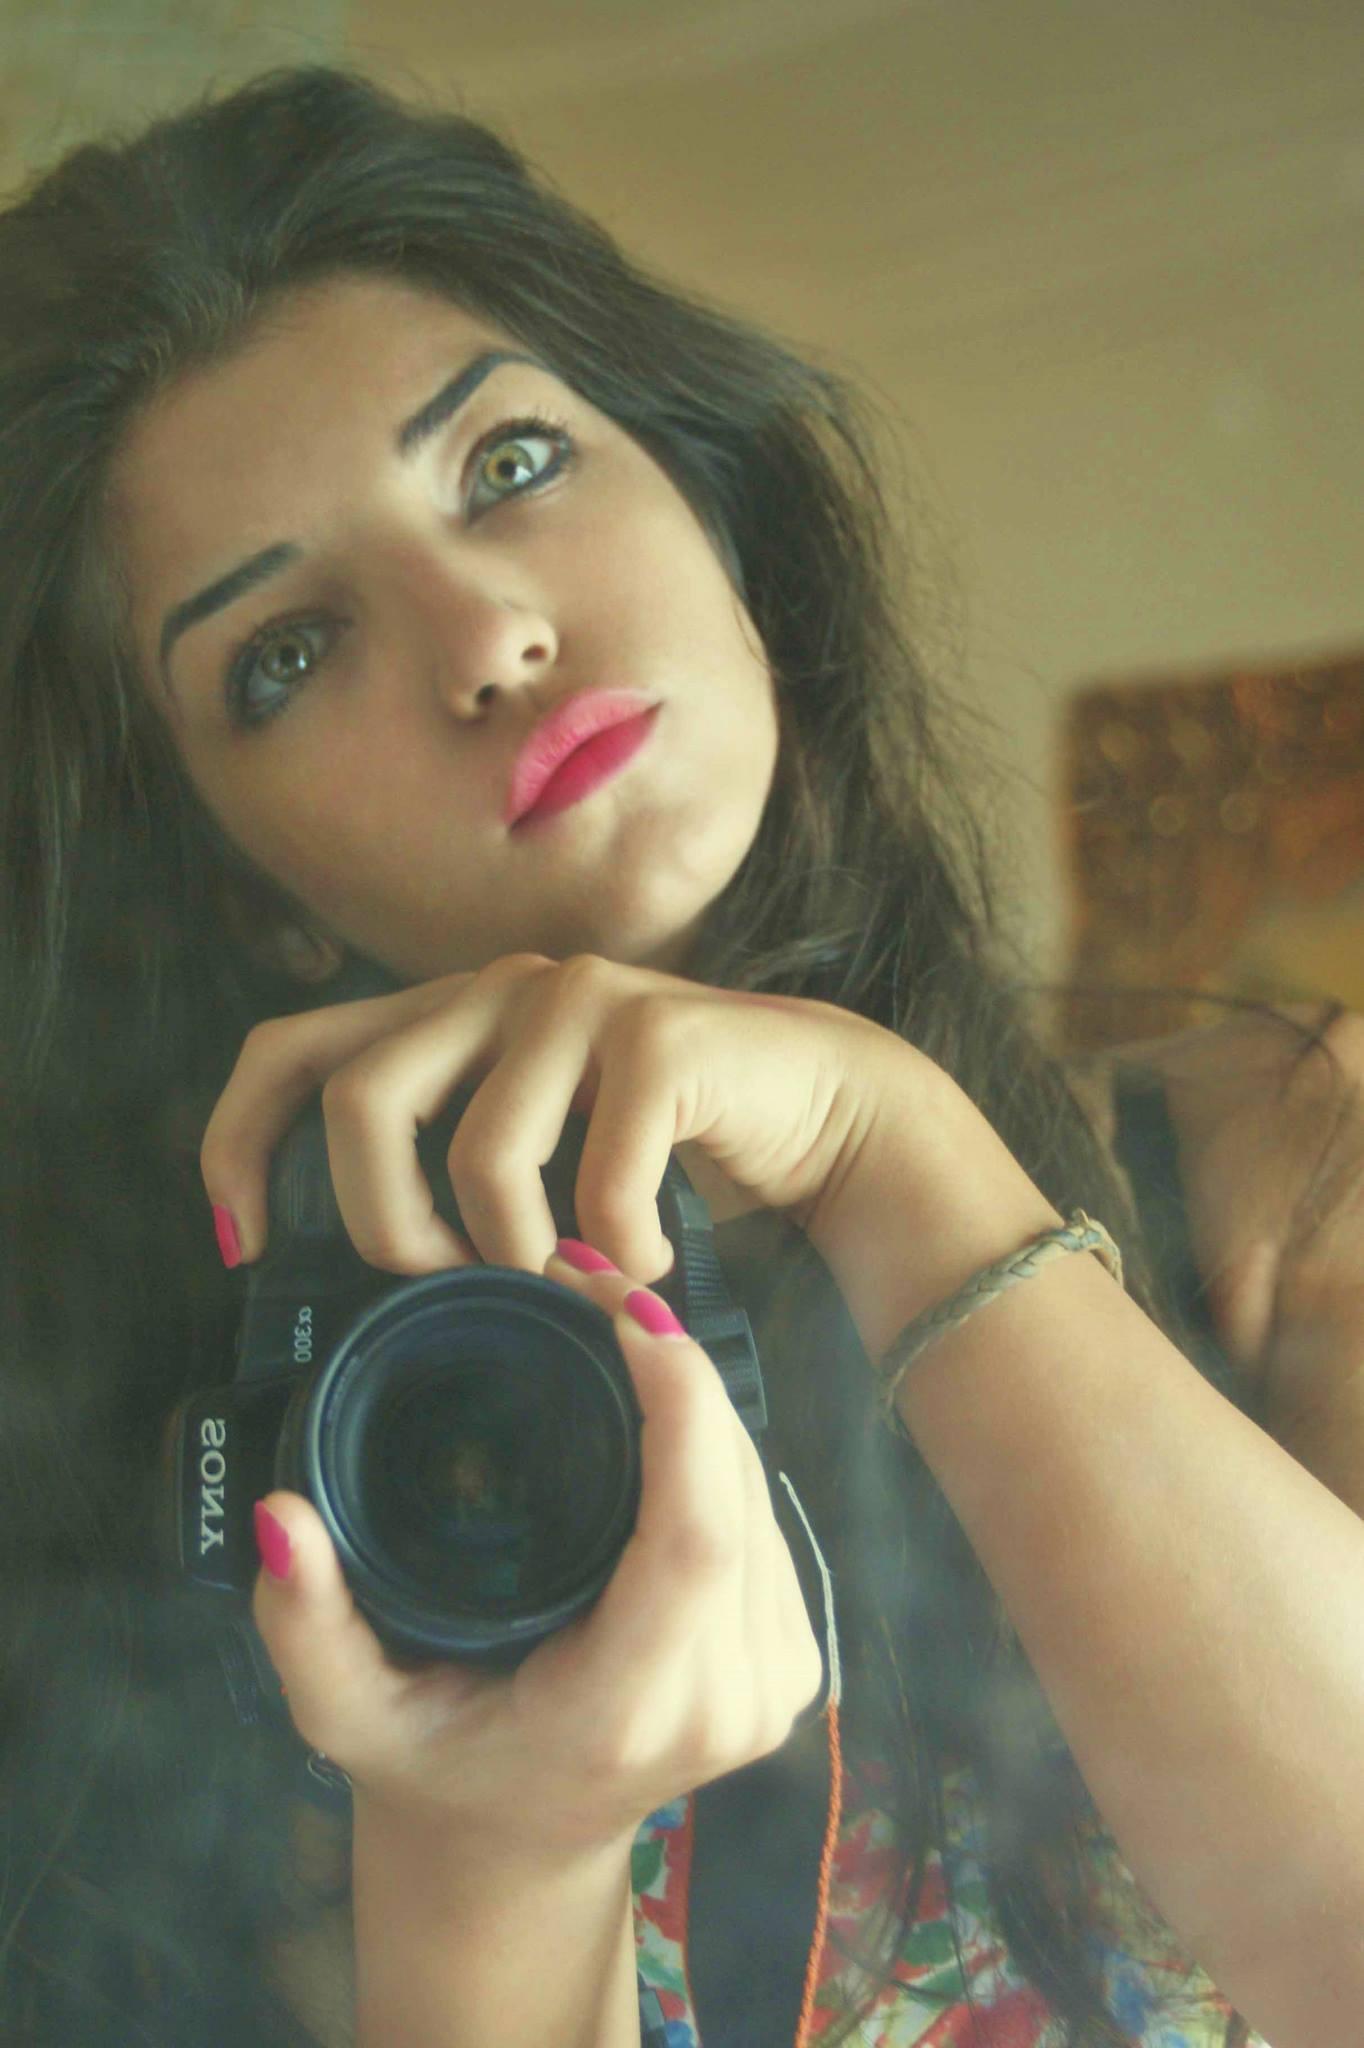 بالصور صور فيس بوك بنات , صور بنات جميله للفيس بوك 3188